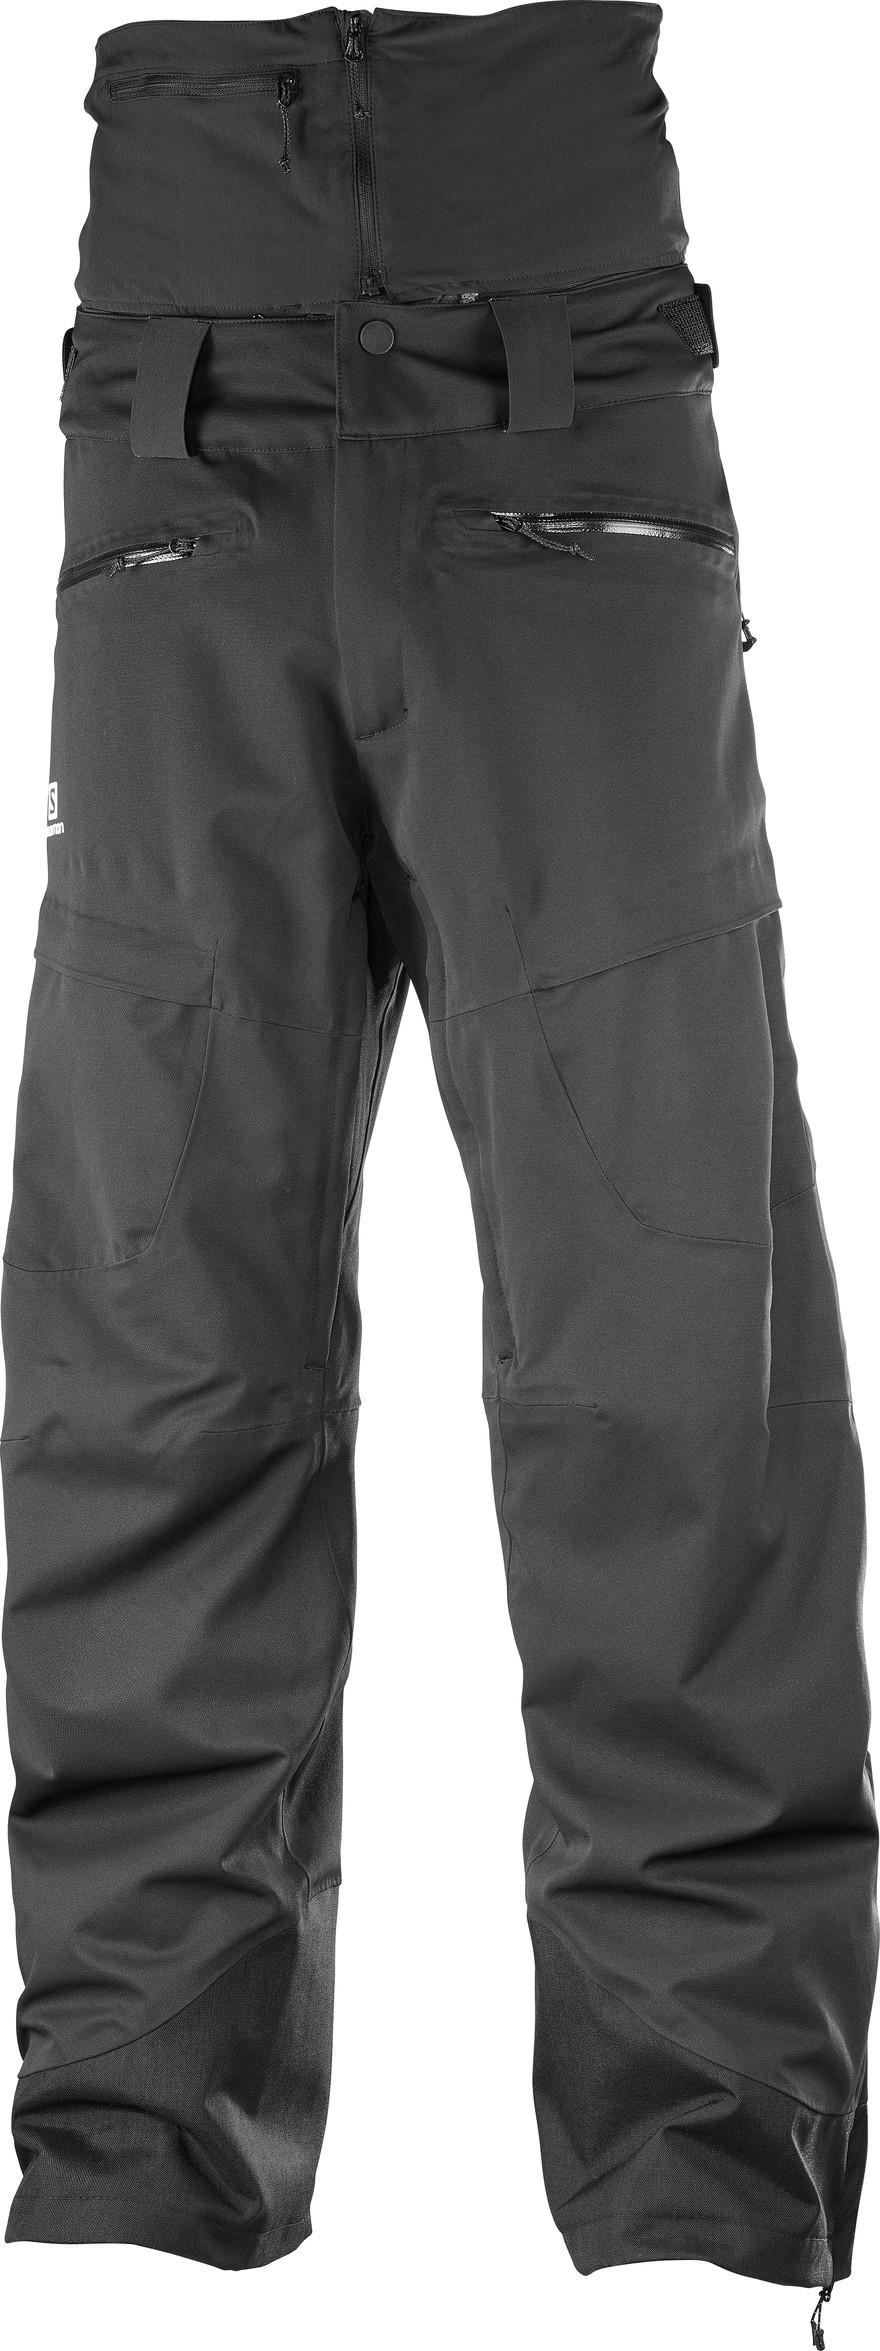 Salomon - Qst Guard Pant M - Ski trousers - Men's